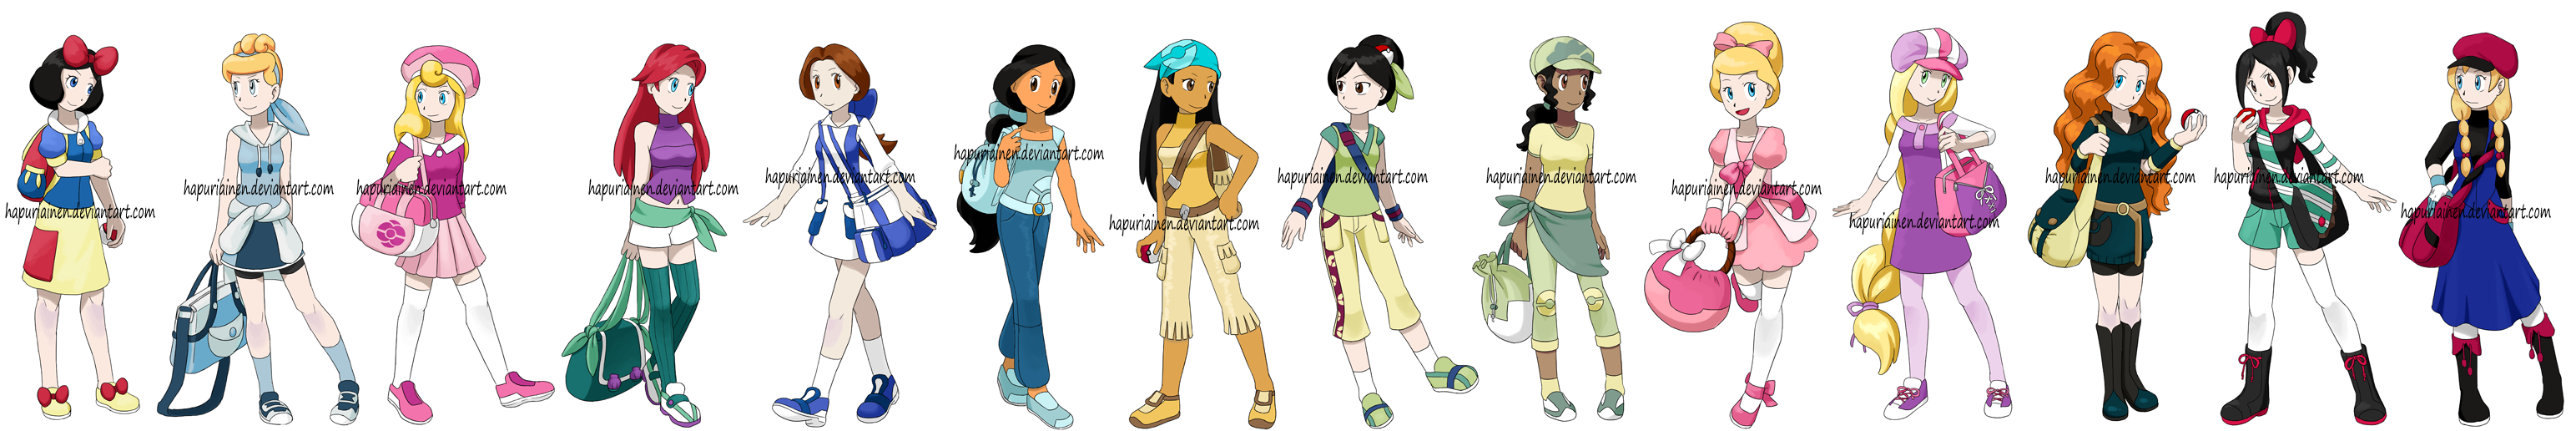 Pokemon Princesses 8 by Hapuriainen